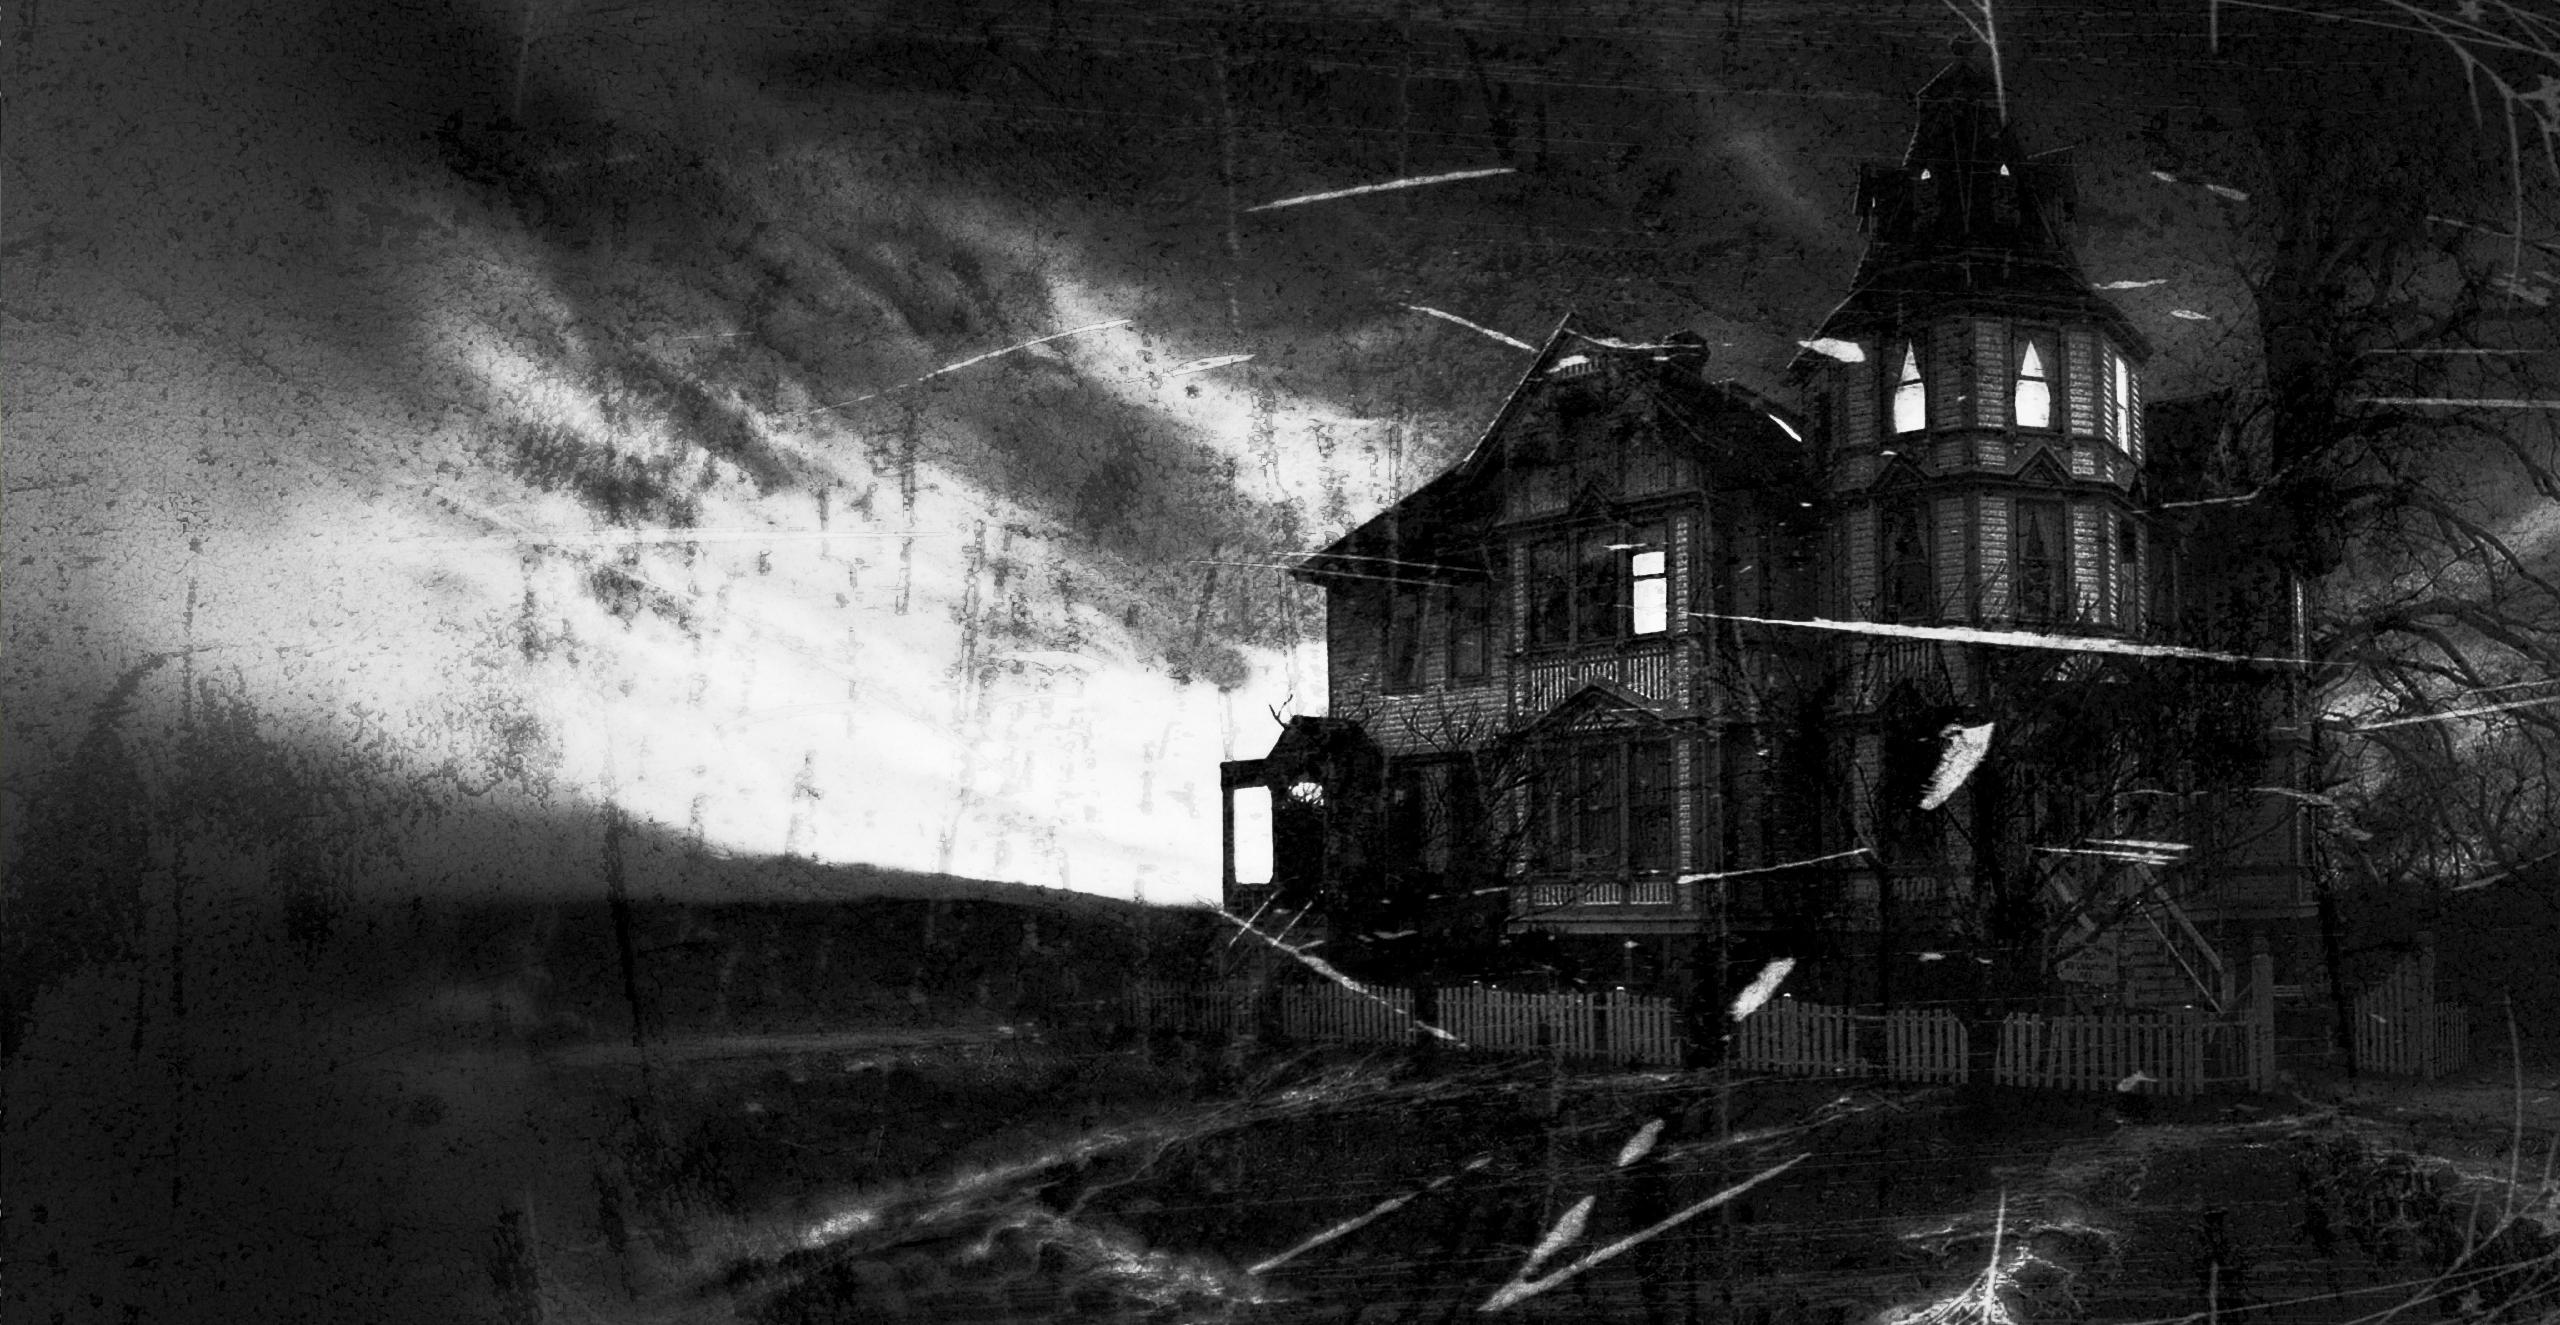 Vaso medio lleno, vaso medio vacío: ¿vivirías en una casa embrujada? - Radio Cantilo